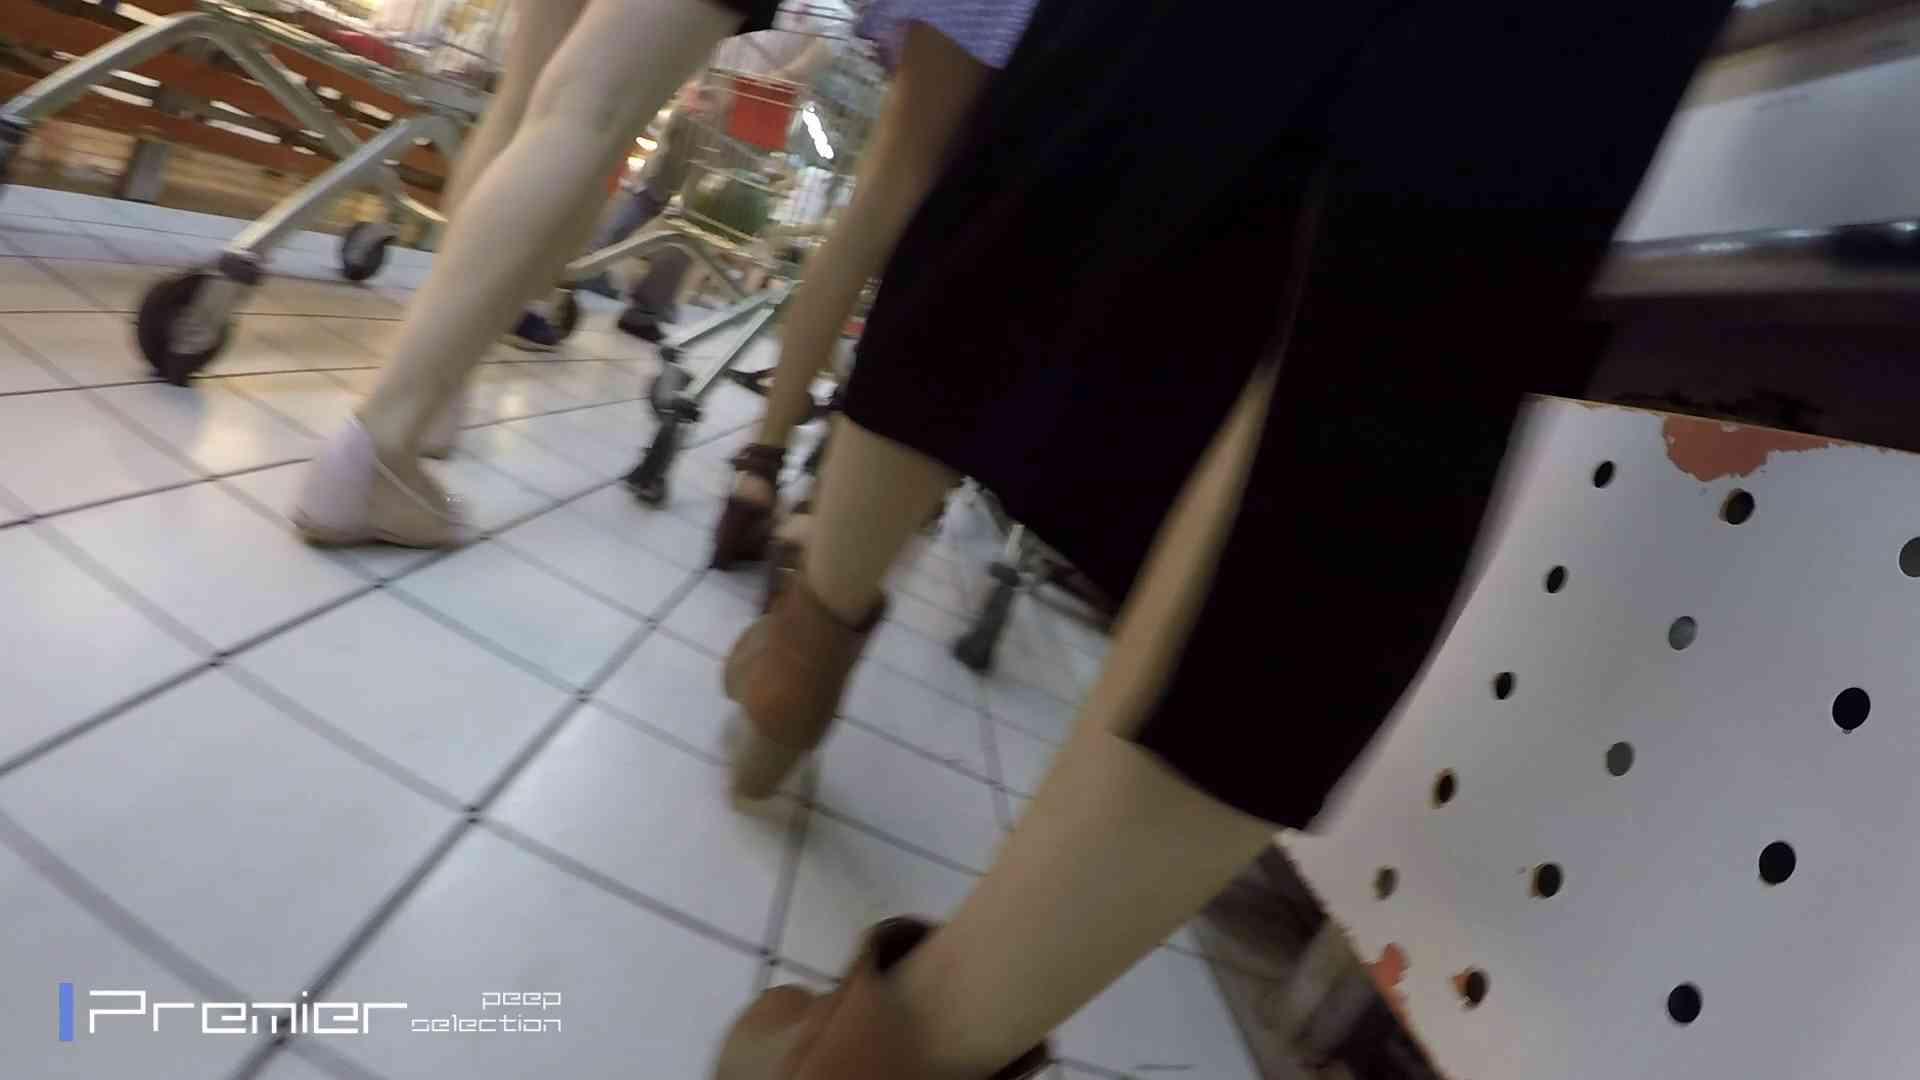 美女の下半身を粘着撮り!卑猥なパンチラ Vol.05 美女 ワレメ無修正動画無料 105枚 48